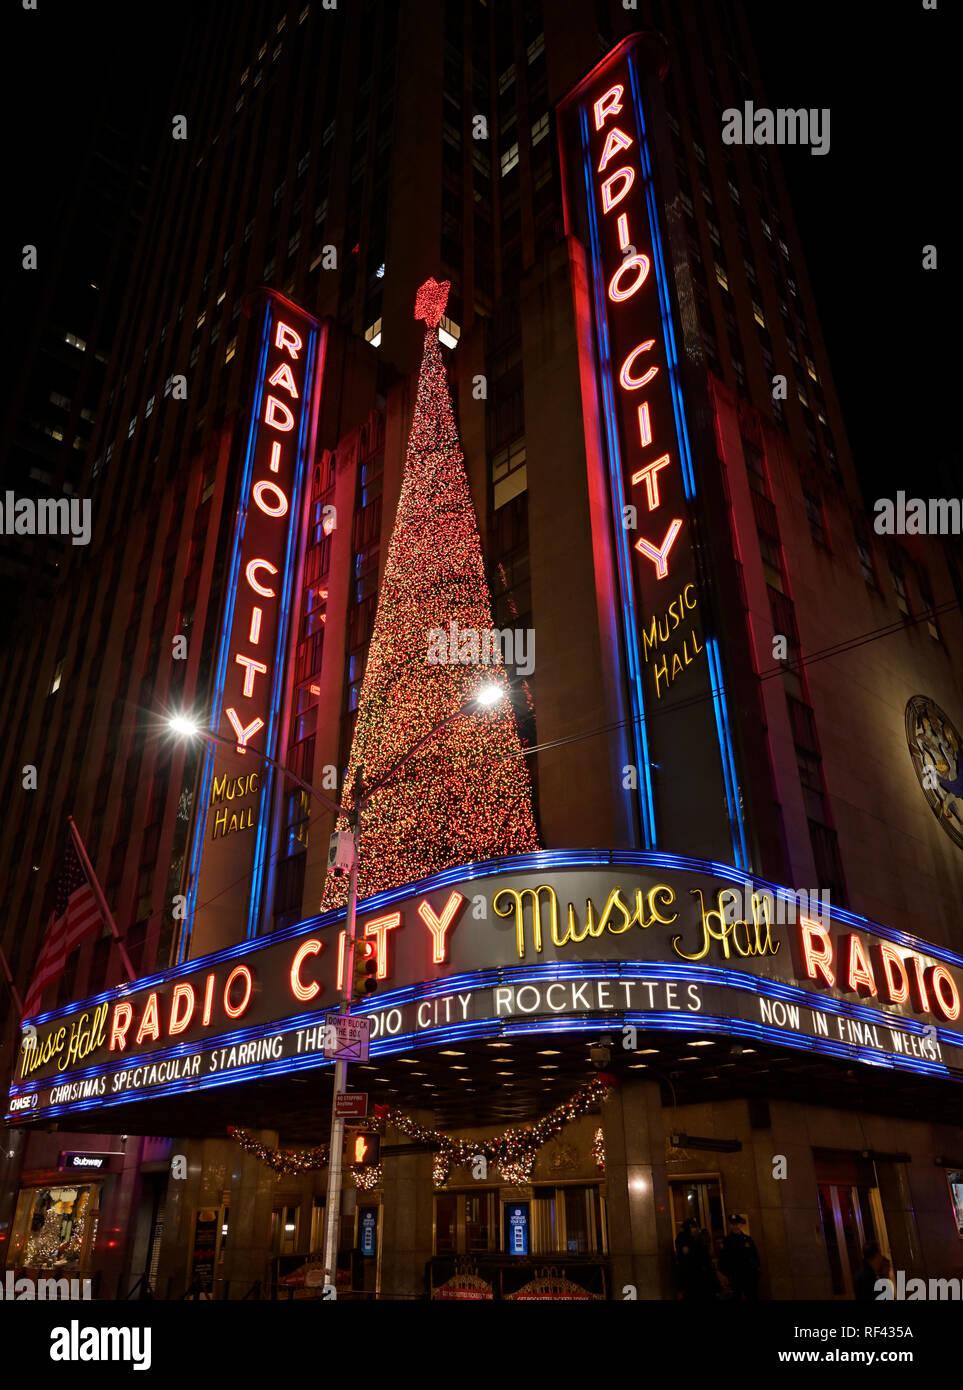 Radio City Music Hall, lights, Christmas - Stock Image